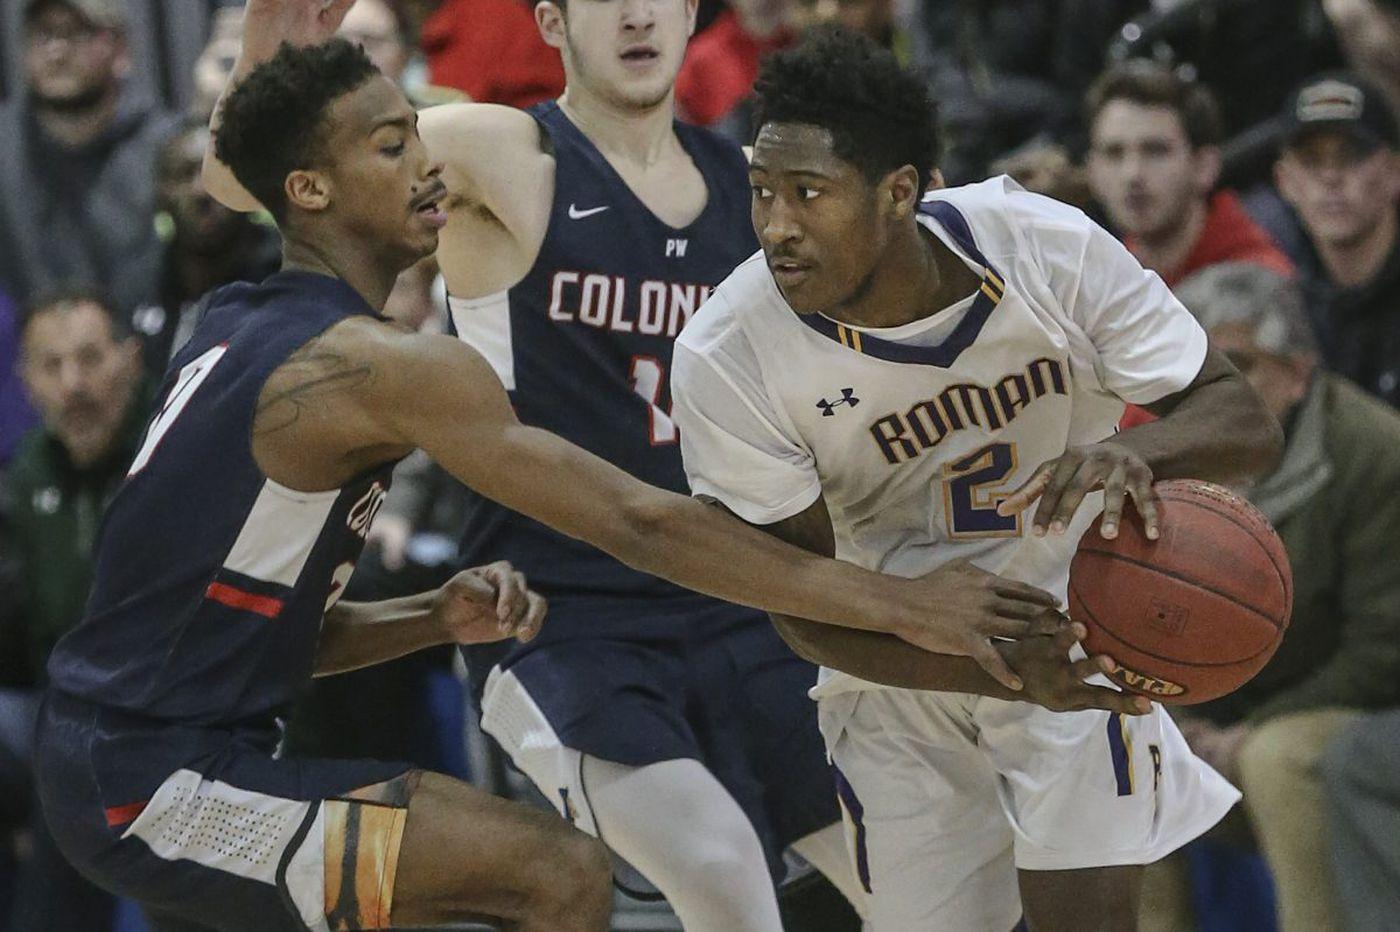 PIAA moves boys' semifinal basketball games to Thursday